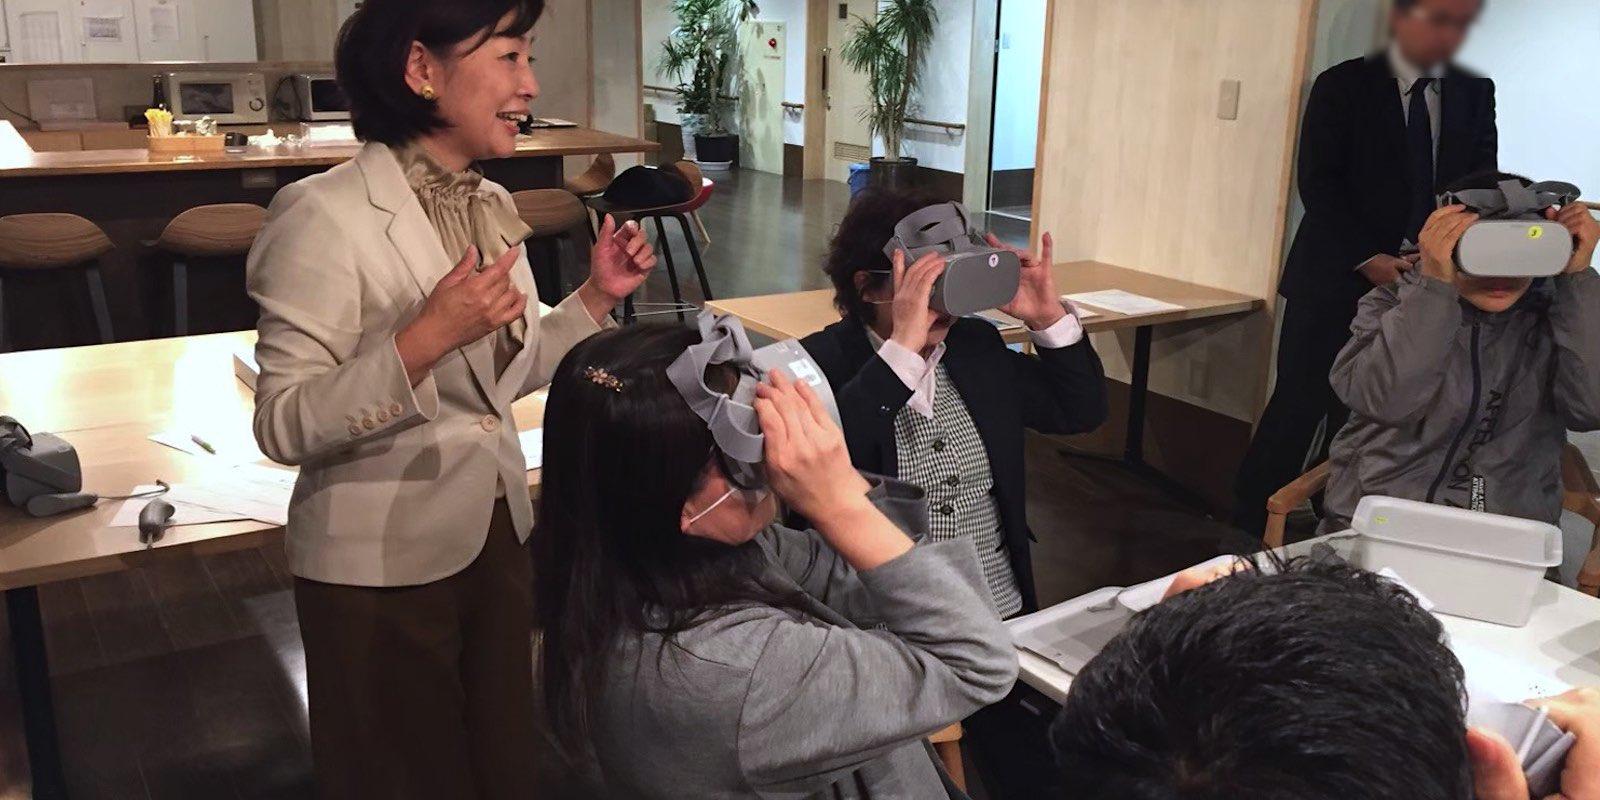 VR-SyncとOculus Goを利用した介護研修教材「ケアリアル®」による研修